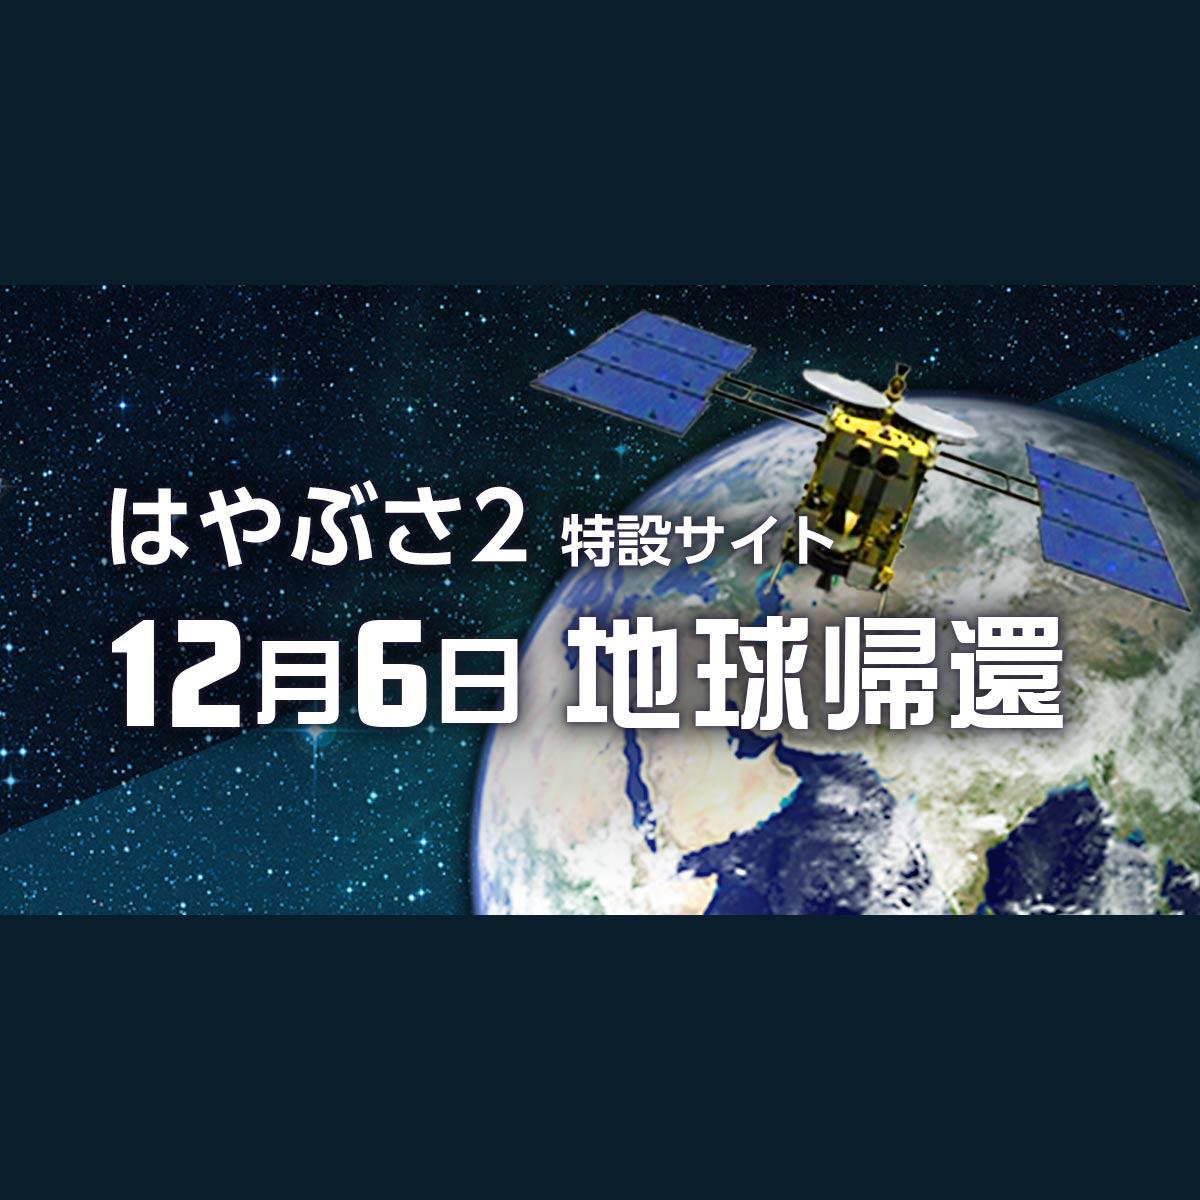 不可小视,日本也创造了太空探索新纪录,掌握全球独一份宇宙星尘